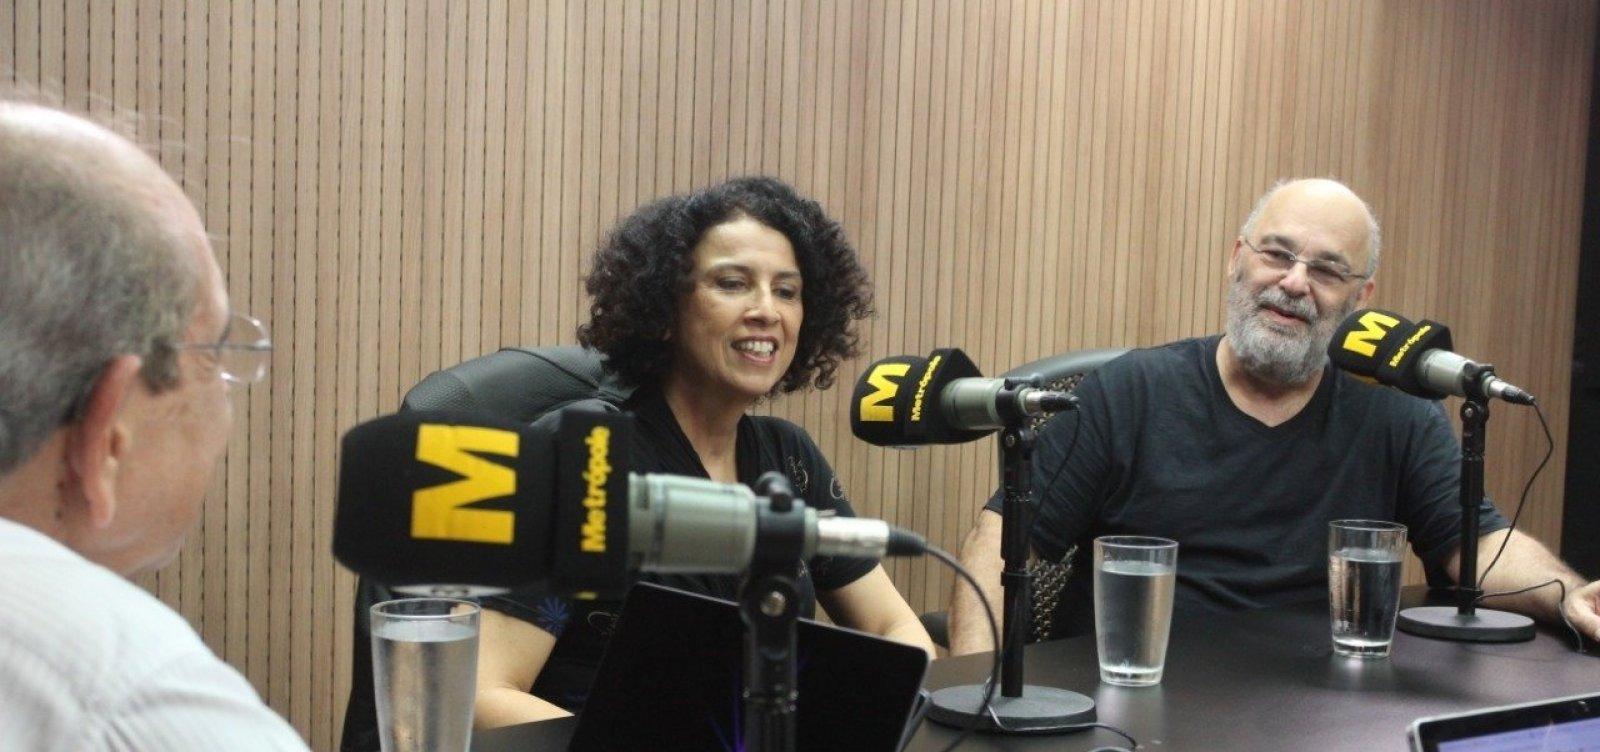 Paula e Jaques Morelenbaum relembram Jobim em show